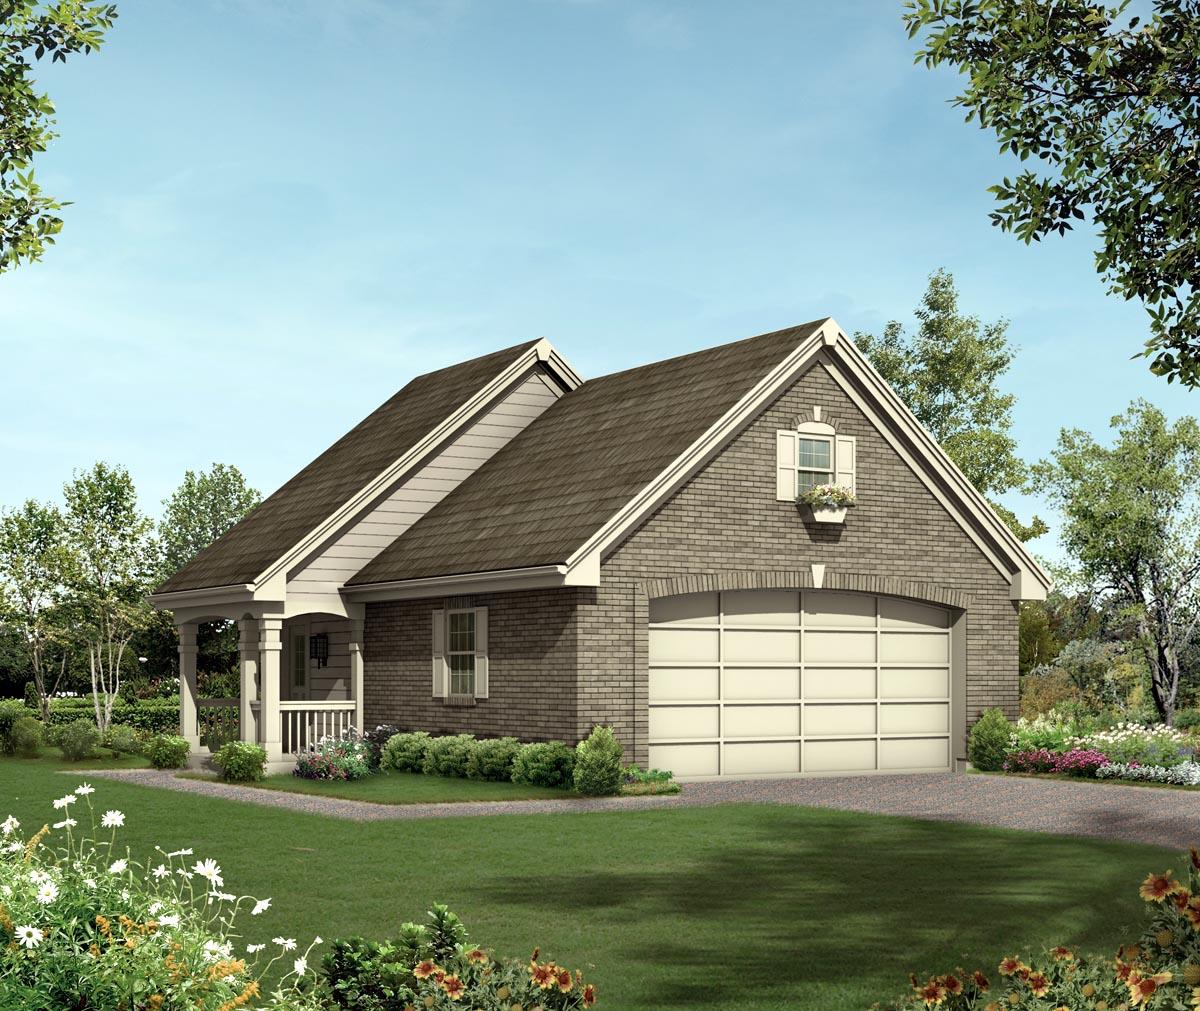 Garage Plan 95826 At Familyhomeplans Com: Garage Plan 95918 At FamilyHomePlans.com